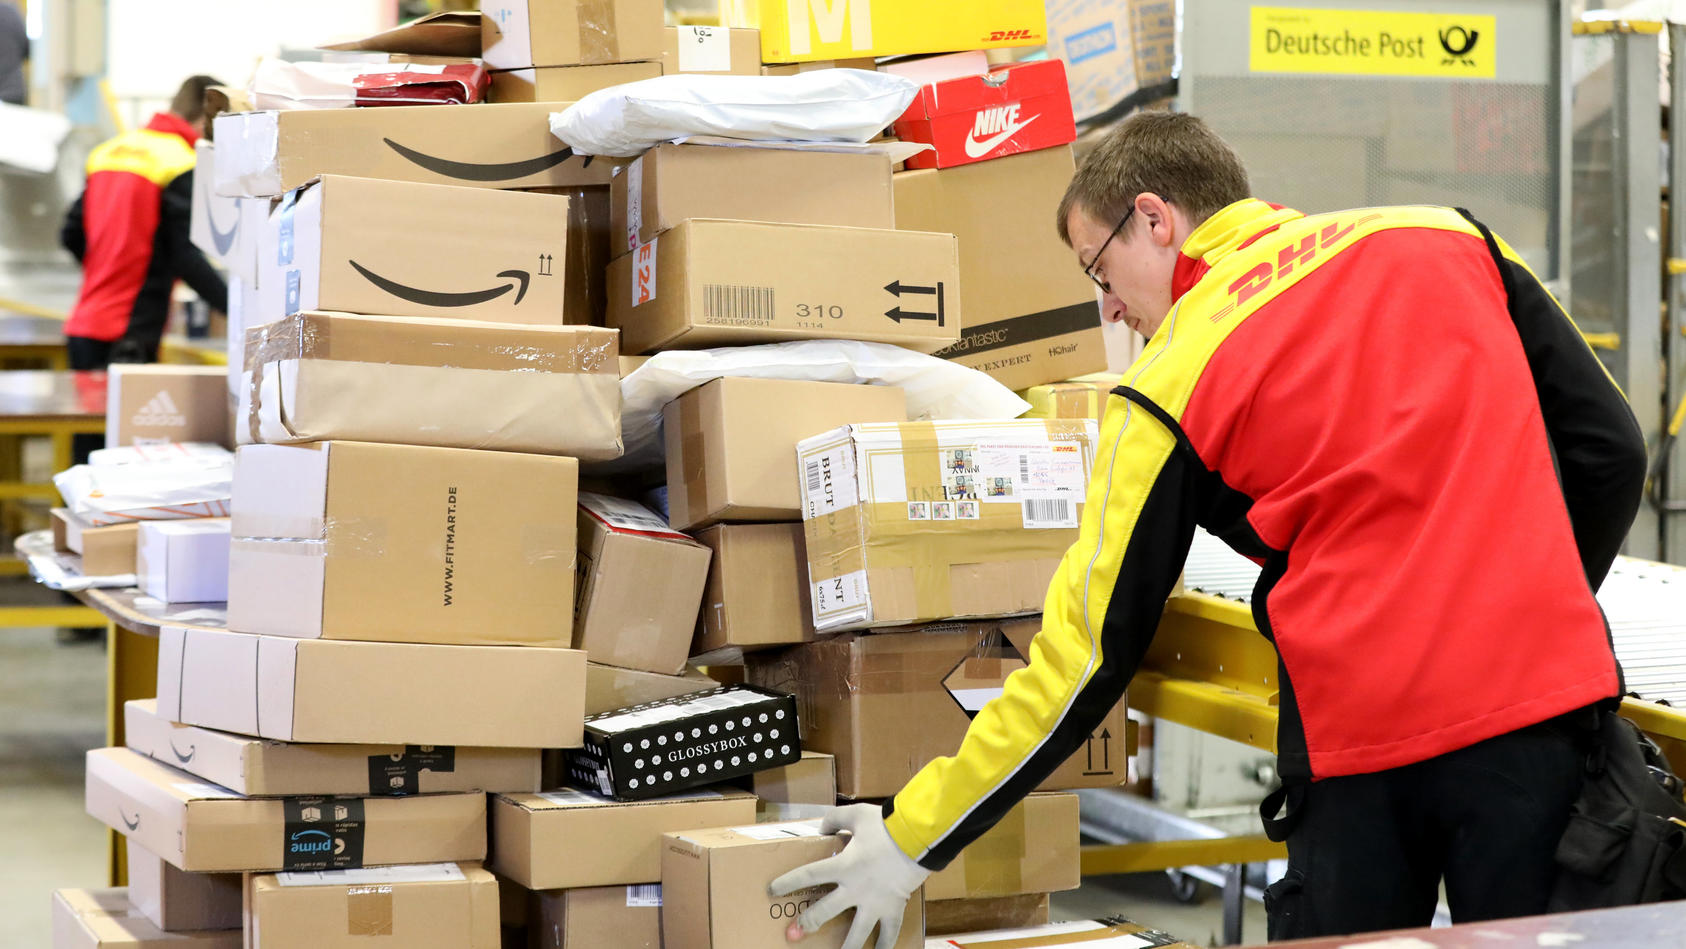 Porto Paket Deutschland